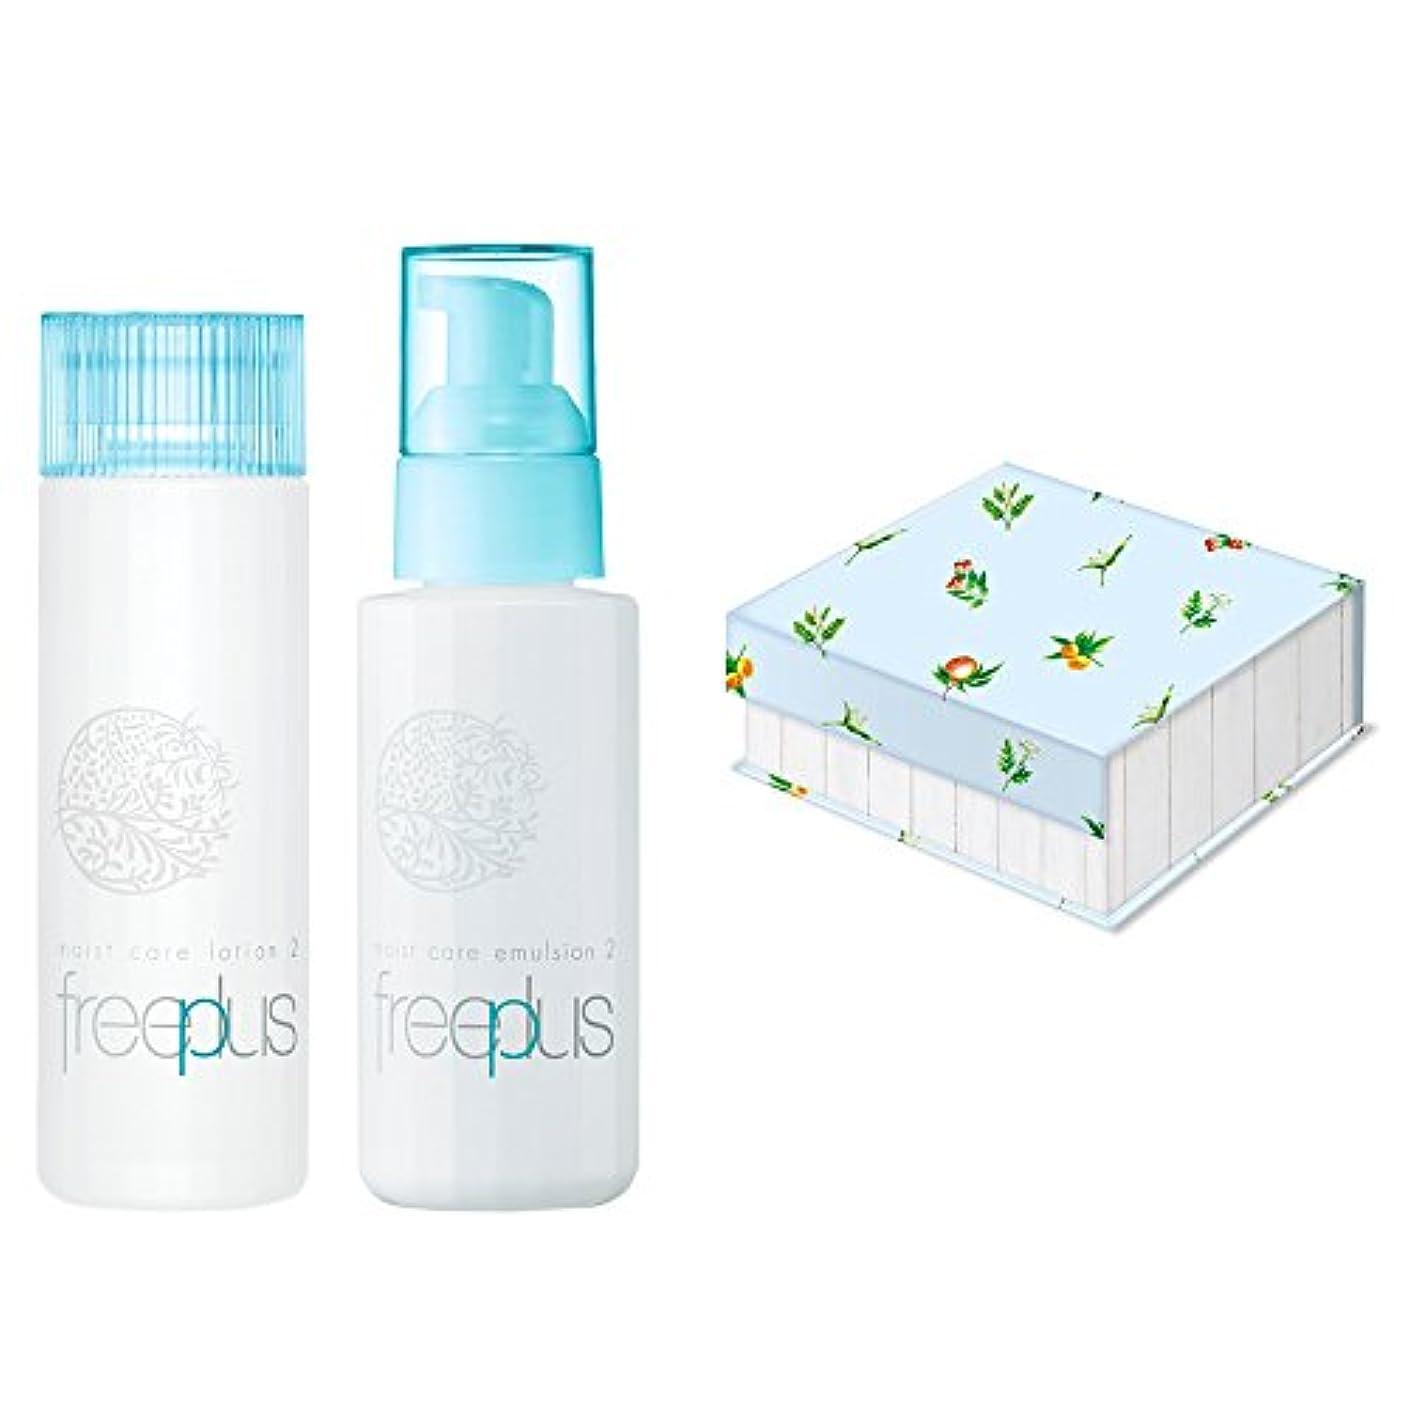 乳雰囲気溢れんばかりのフリープラス モイストケア 化粧水+乳液+限定ボックスセット(しっとり)